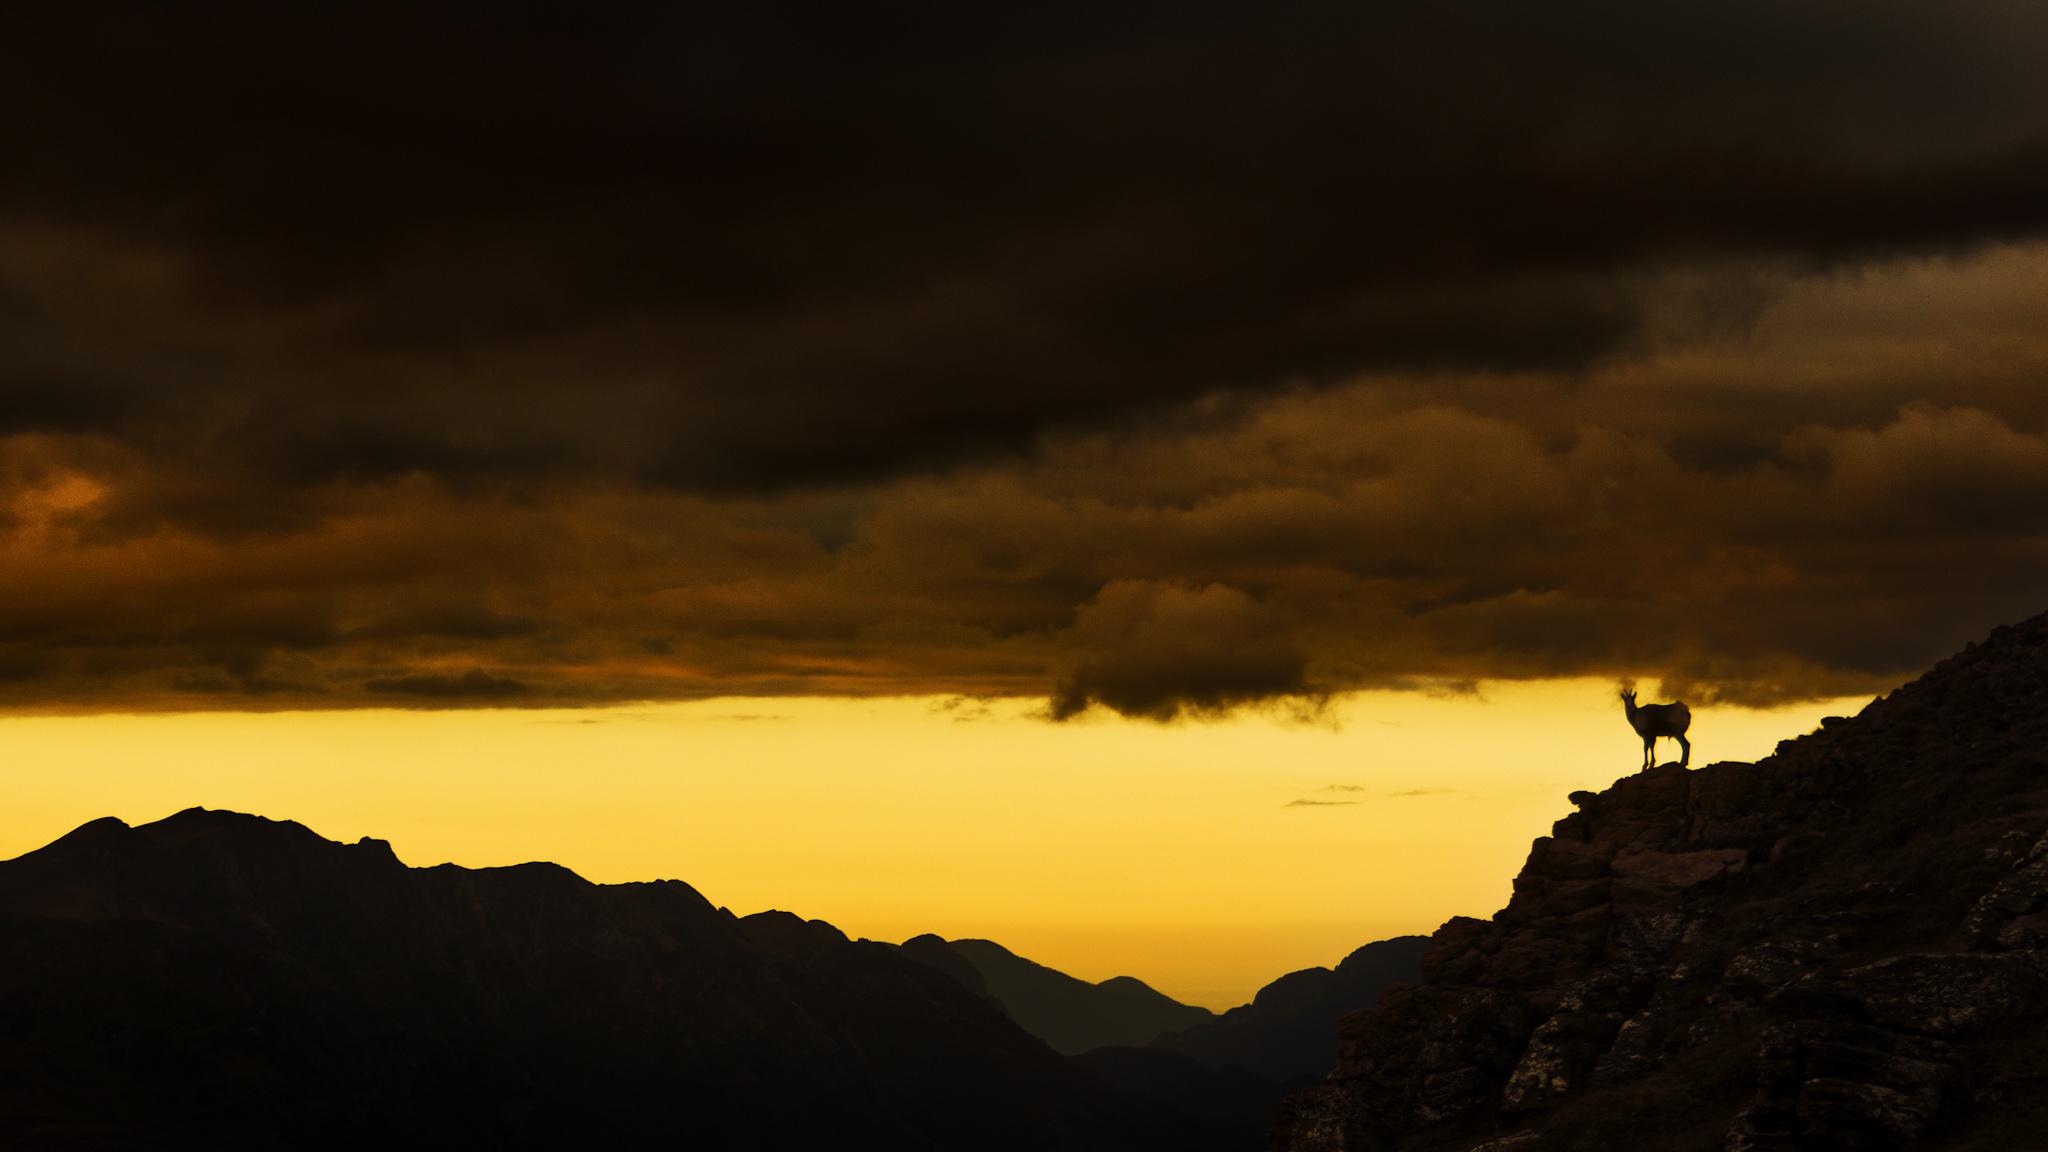 Sarrio en Tortiellas 2 - Paisajes del valle - Fotos del Valle del Aragón, Mikel Besga